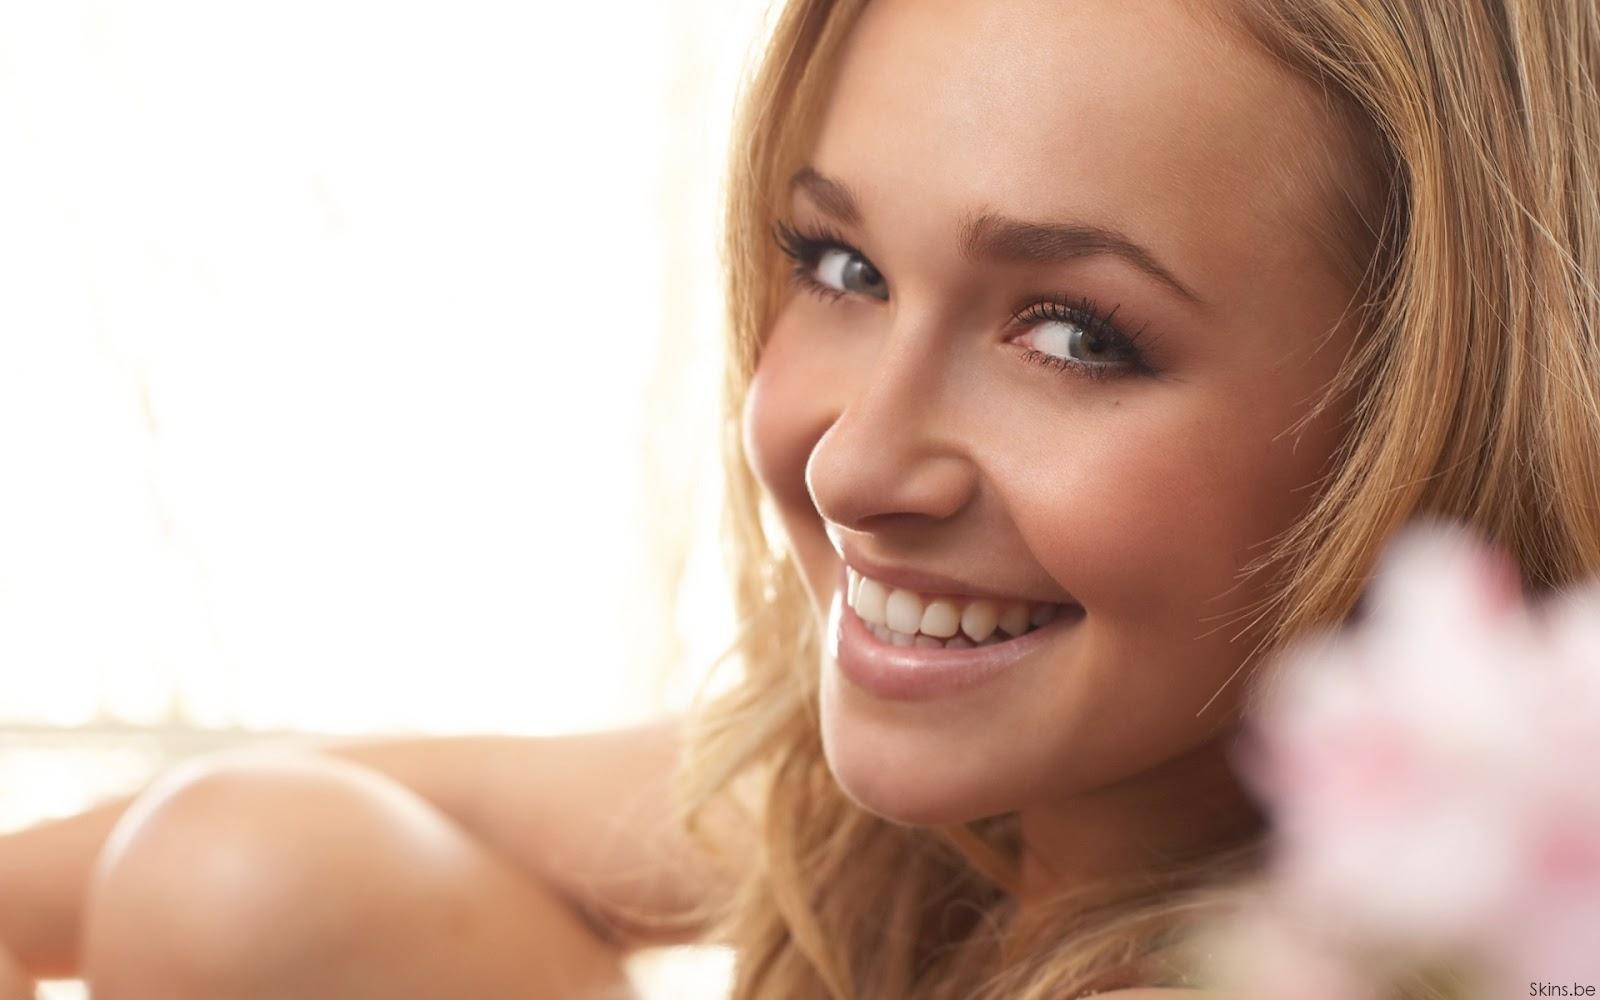 http://1.bp.blogspot.com/-L8aidUGfQ24/UFxuHNcbjWI/AAAAAAAAM0M/MrEK7kE3h-Q/s1600/hayden-panettiere-smiles-wallpaper.jpg